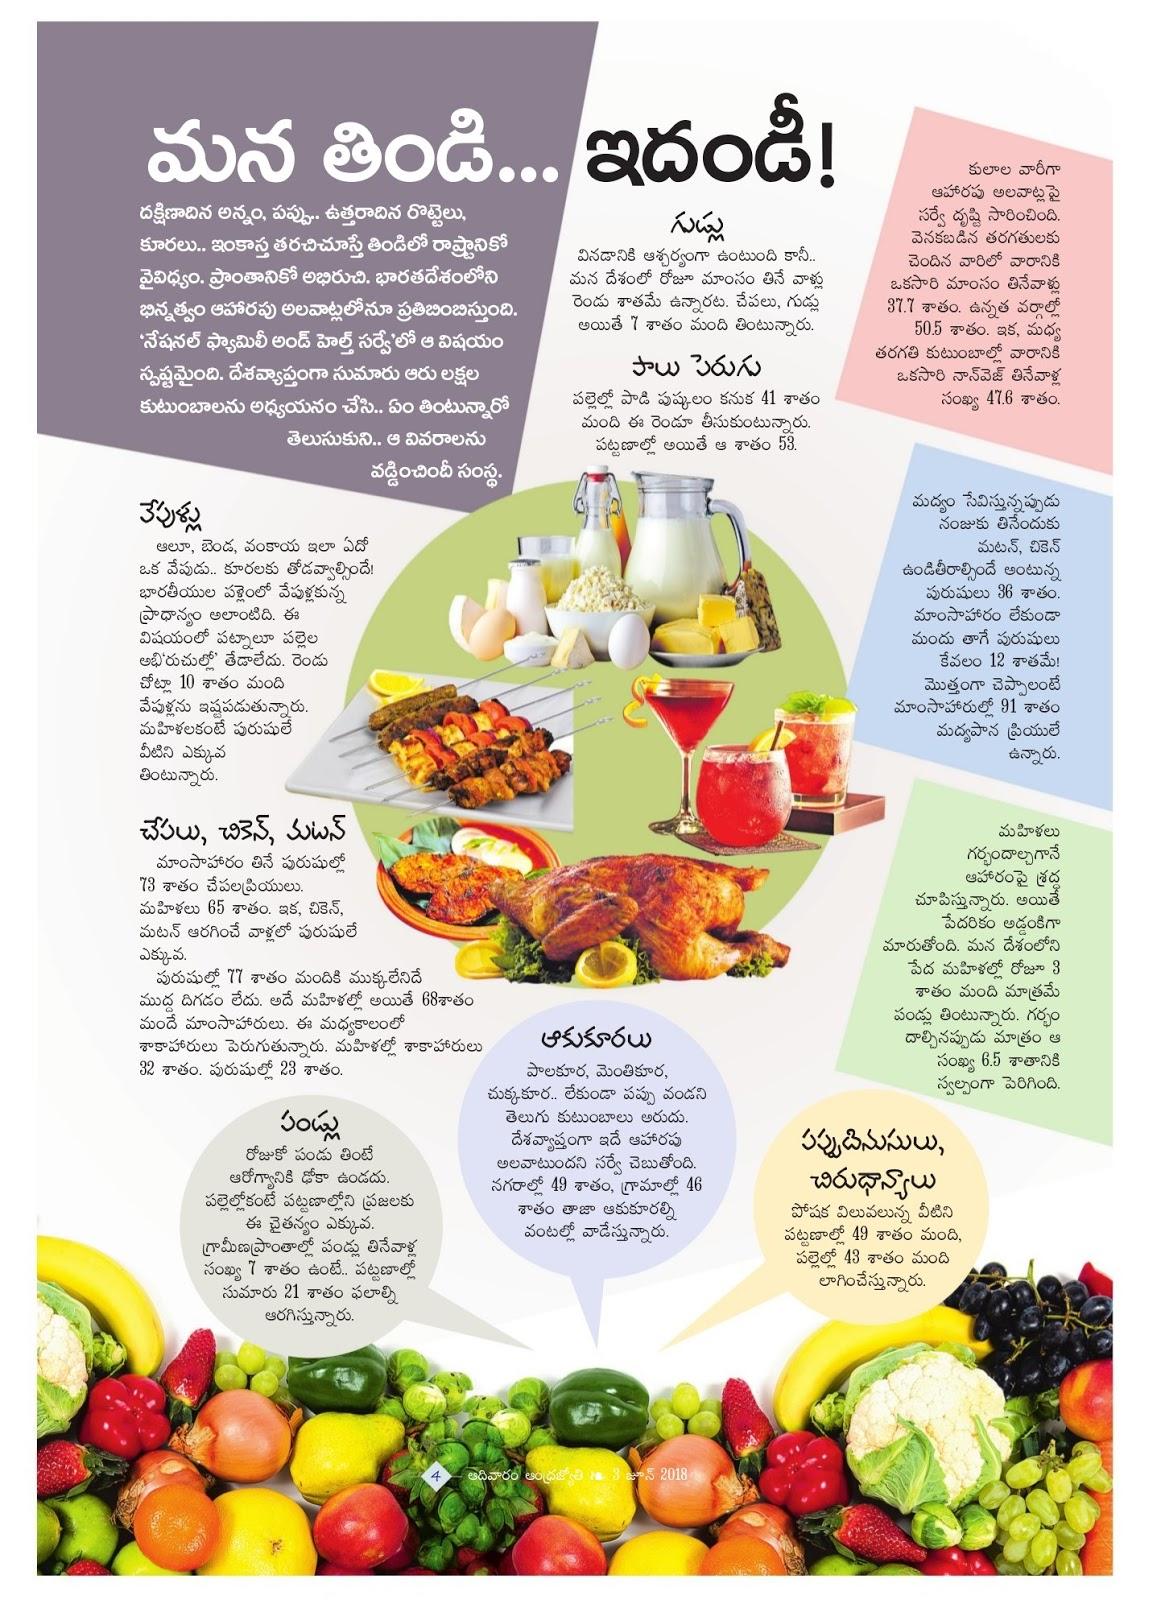 బంగాళాదుంప   ఆలూ   Potato    Mohanpublications   Granthanidhi   Bhaktipustakalu